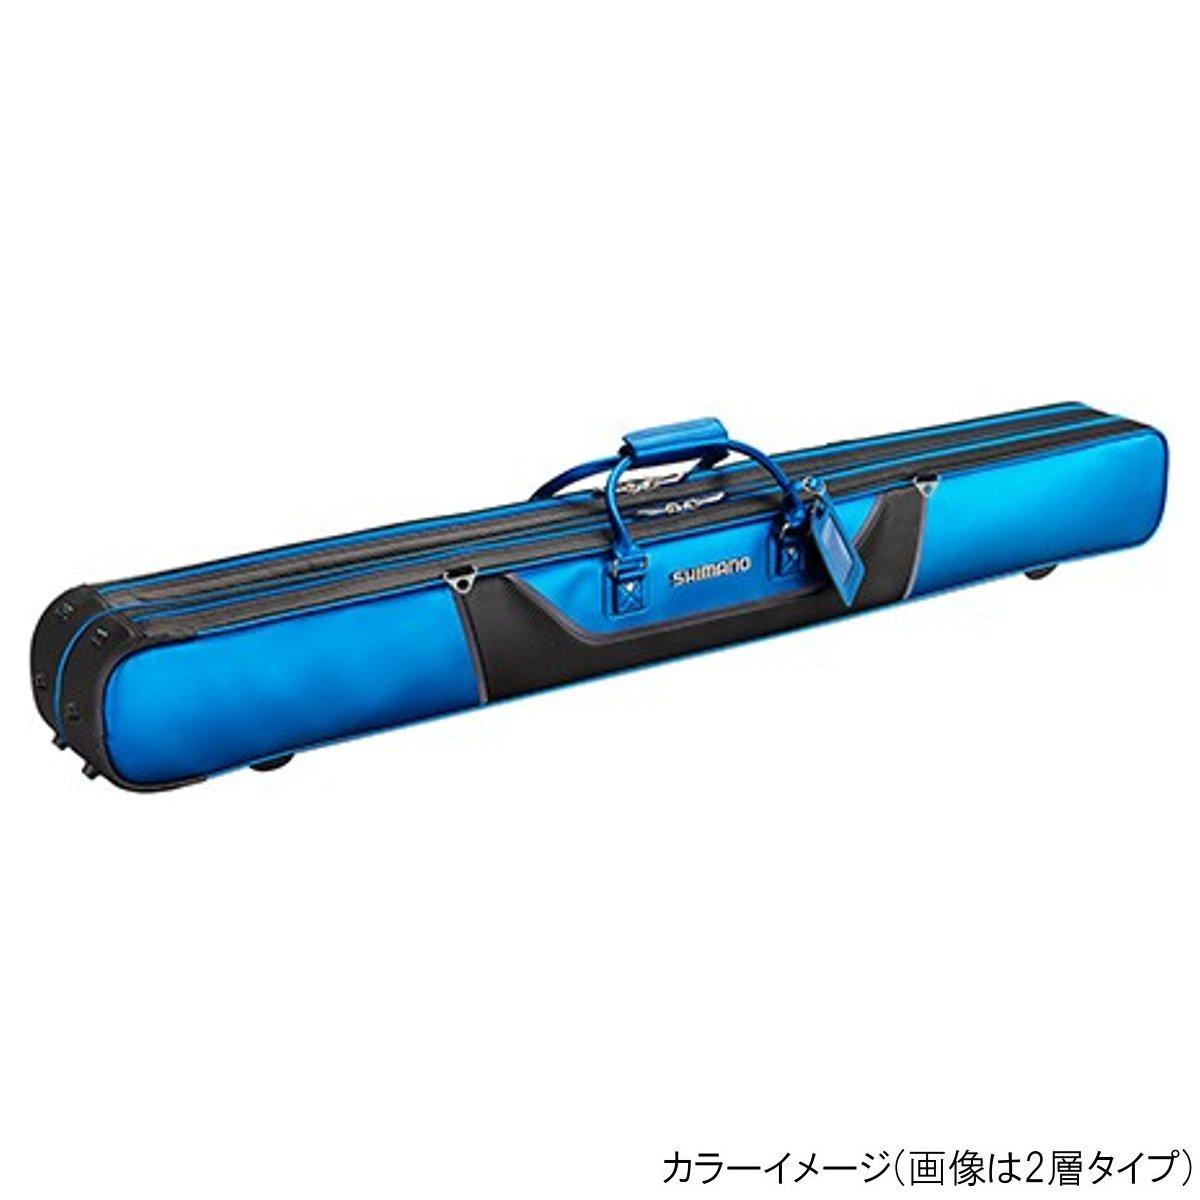 シマノ へらロッドケースXT RC-012Q 3層 サファイアブルー(東日本店)